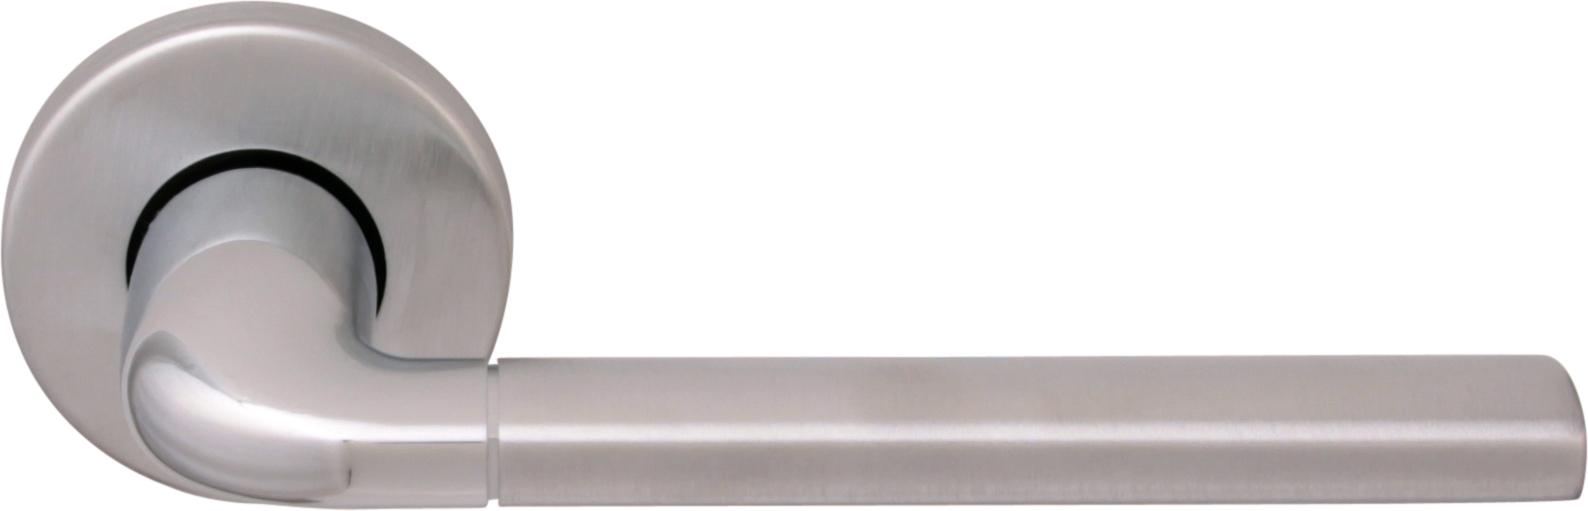 Дверная ручка на круглой розетке 158 R MILLY2 CS/CP (50PVC)